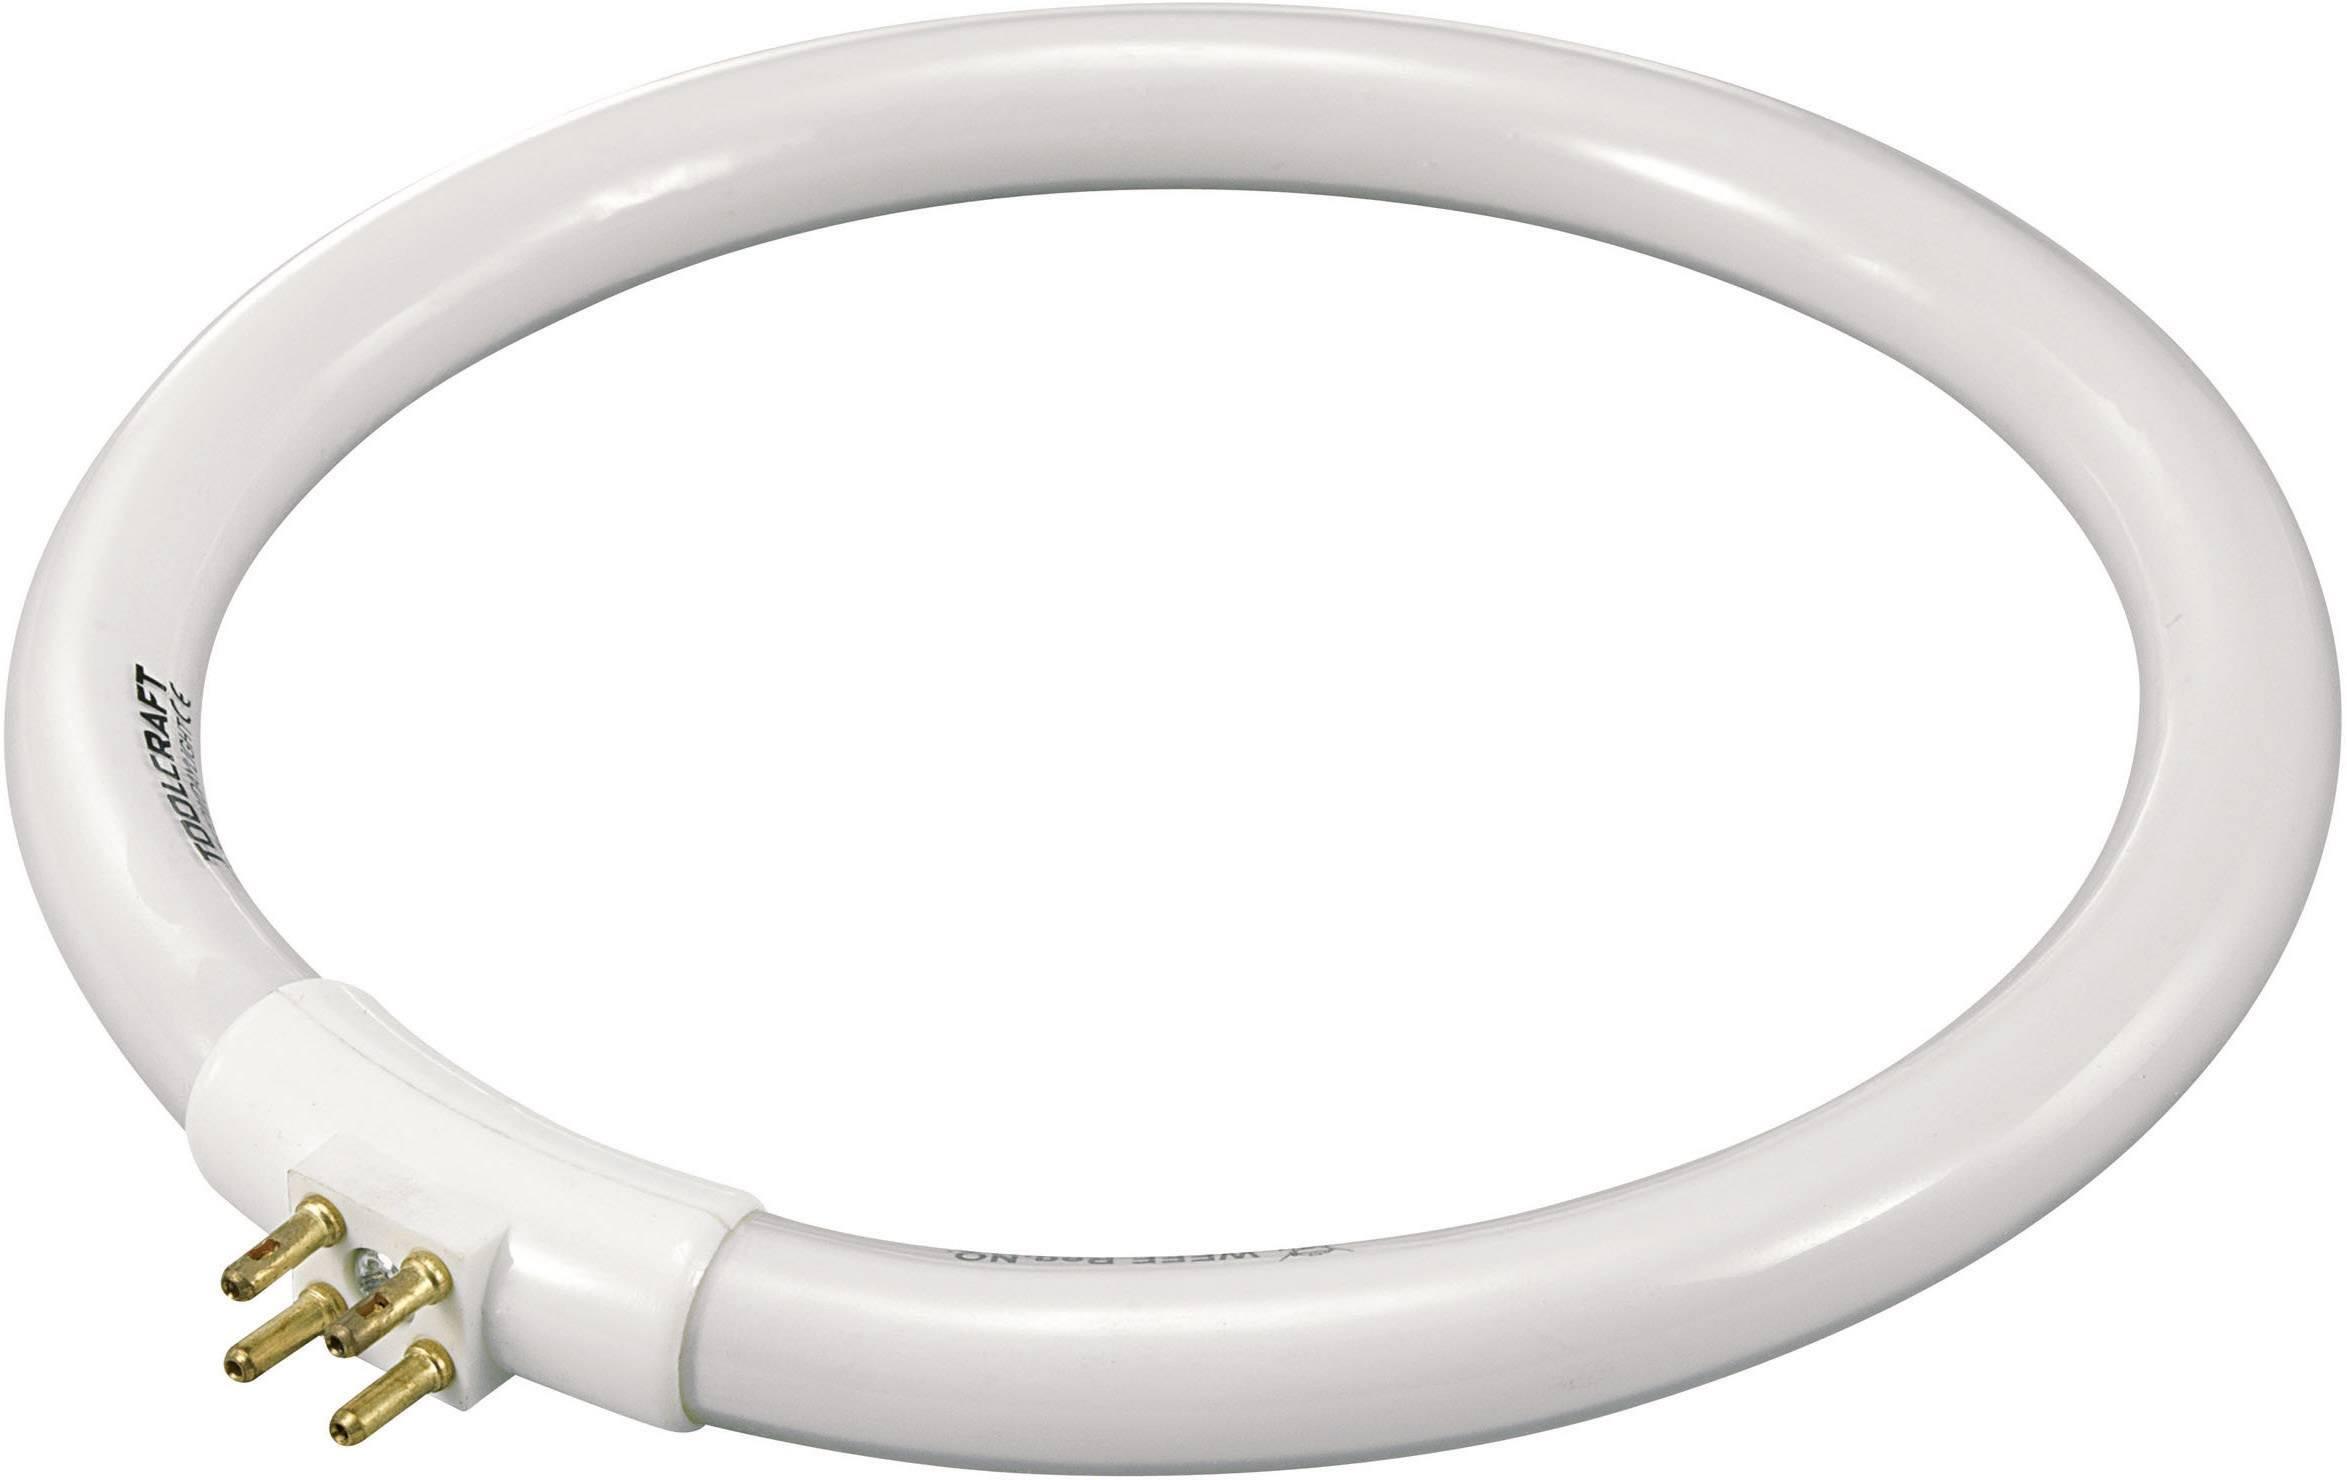 Kruhová úsporná zářivka Toolcraft T4, 12 W, G10q